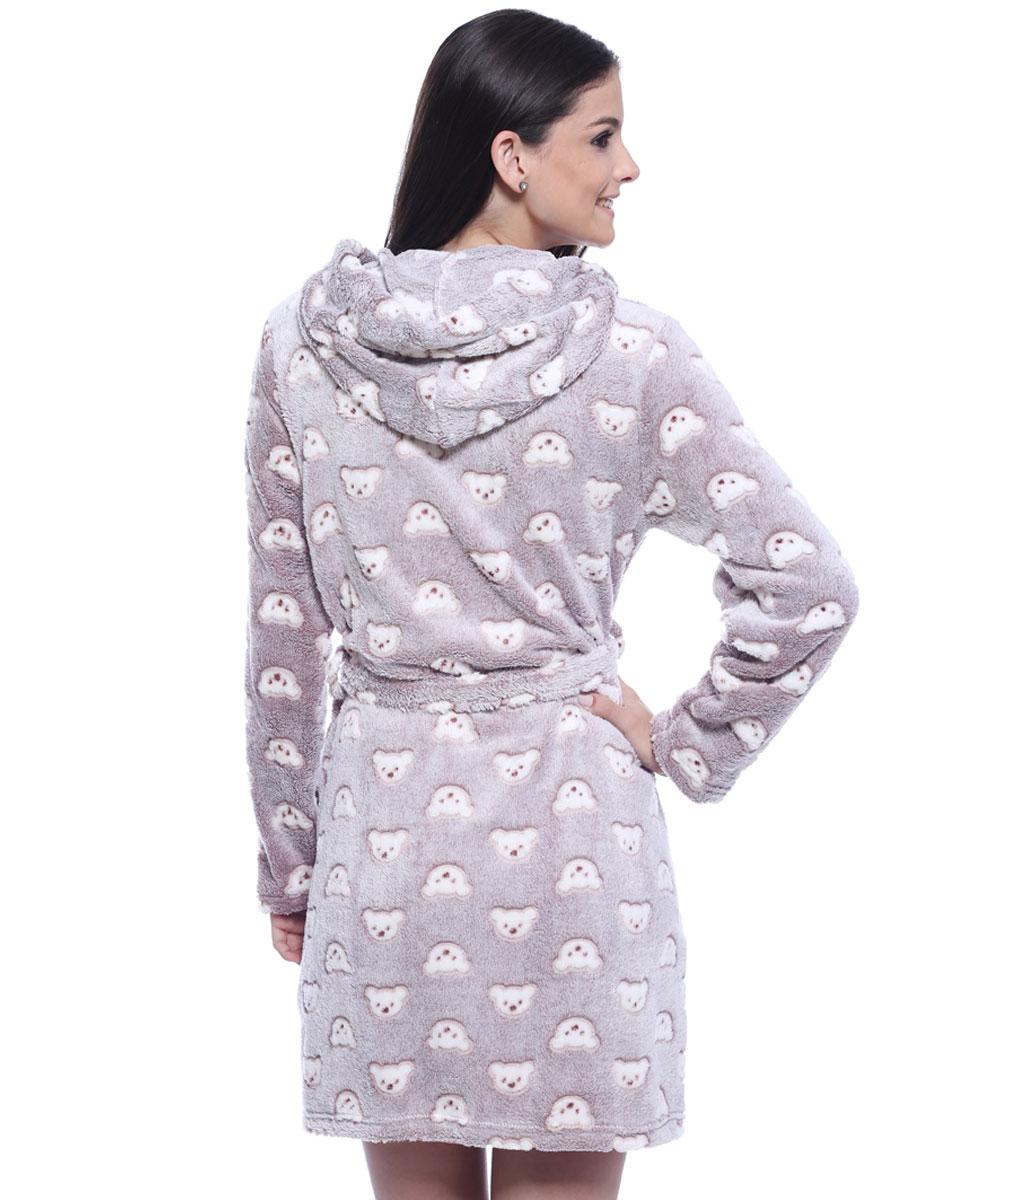 robe-ursinhos